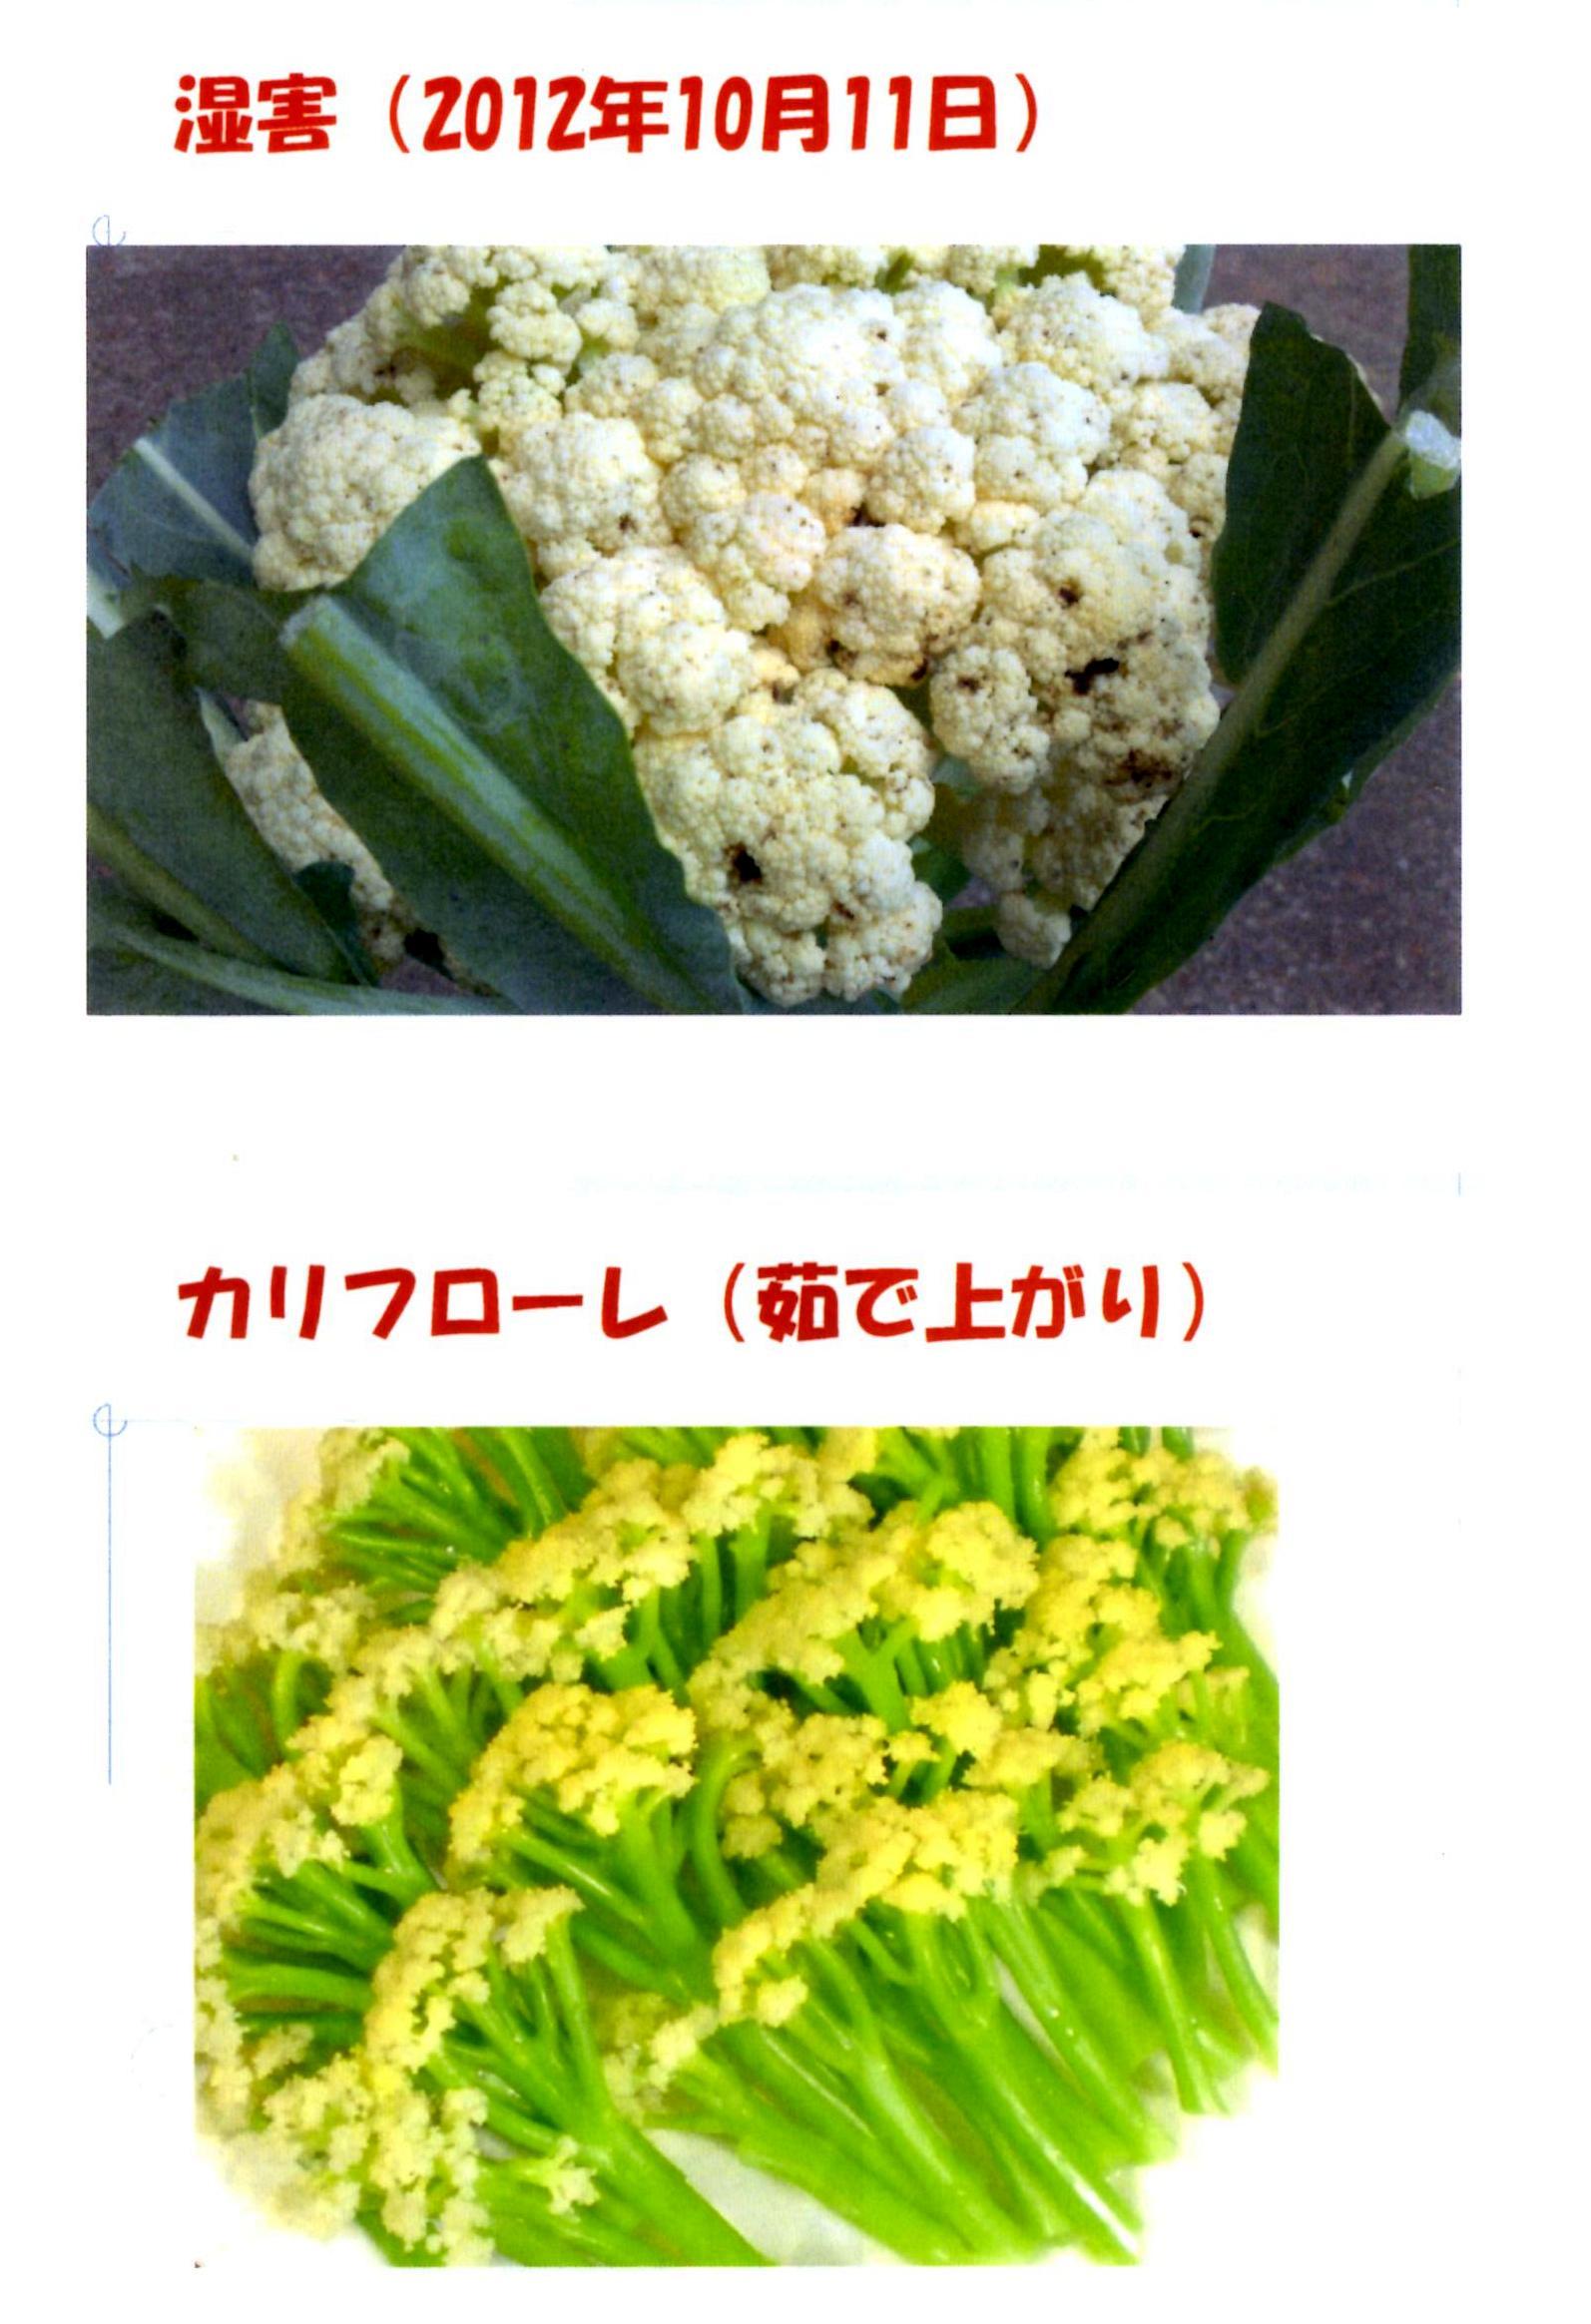 karifu-deta11.jpg